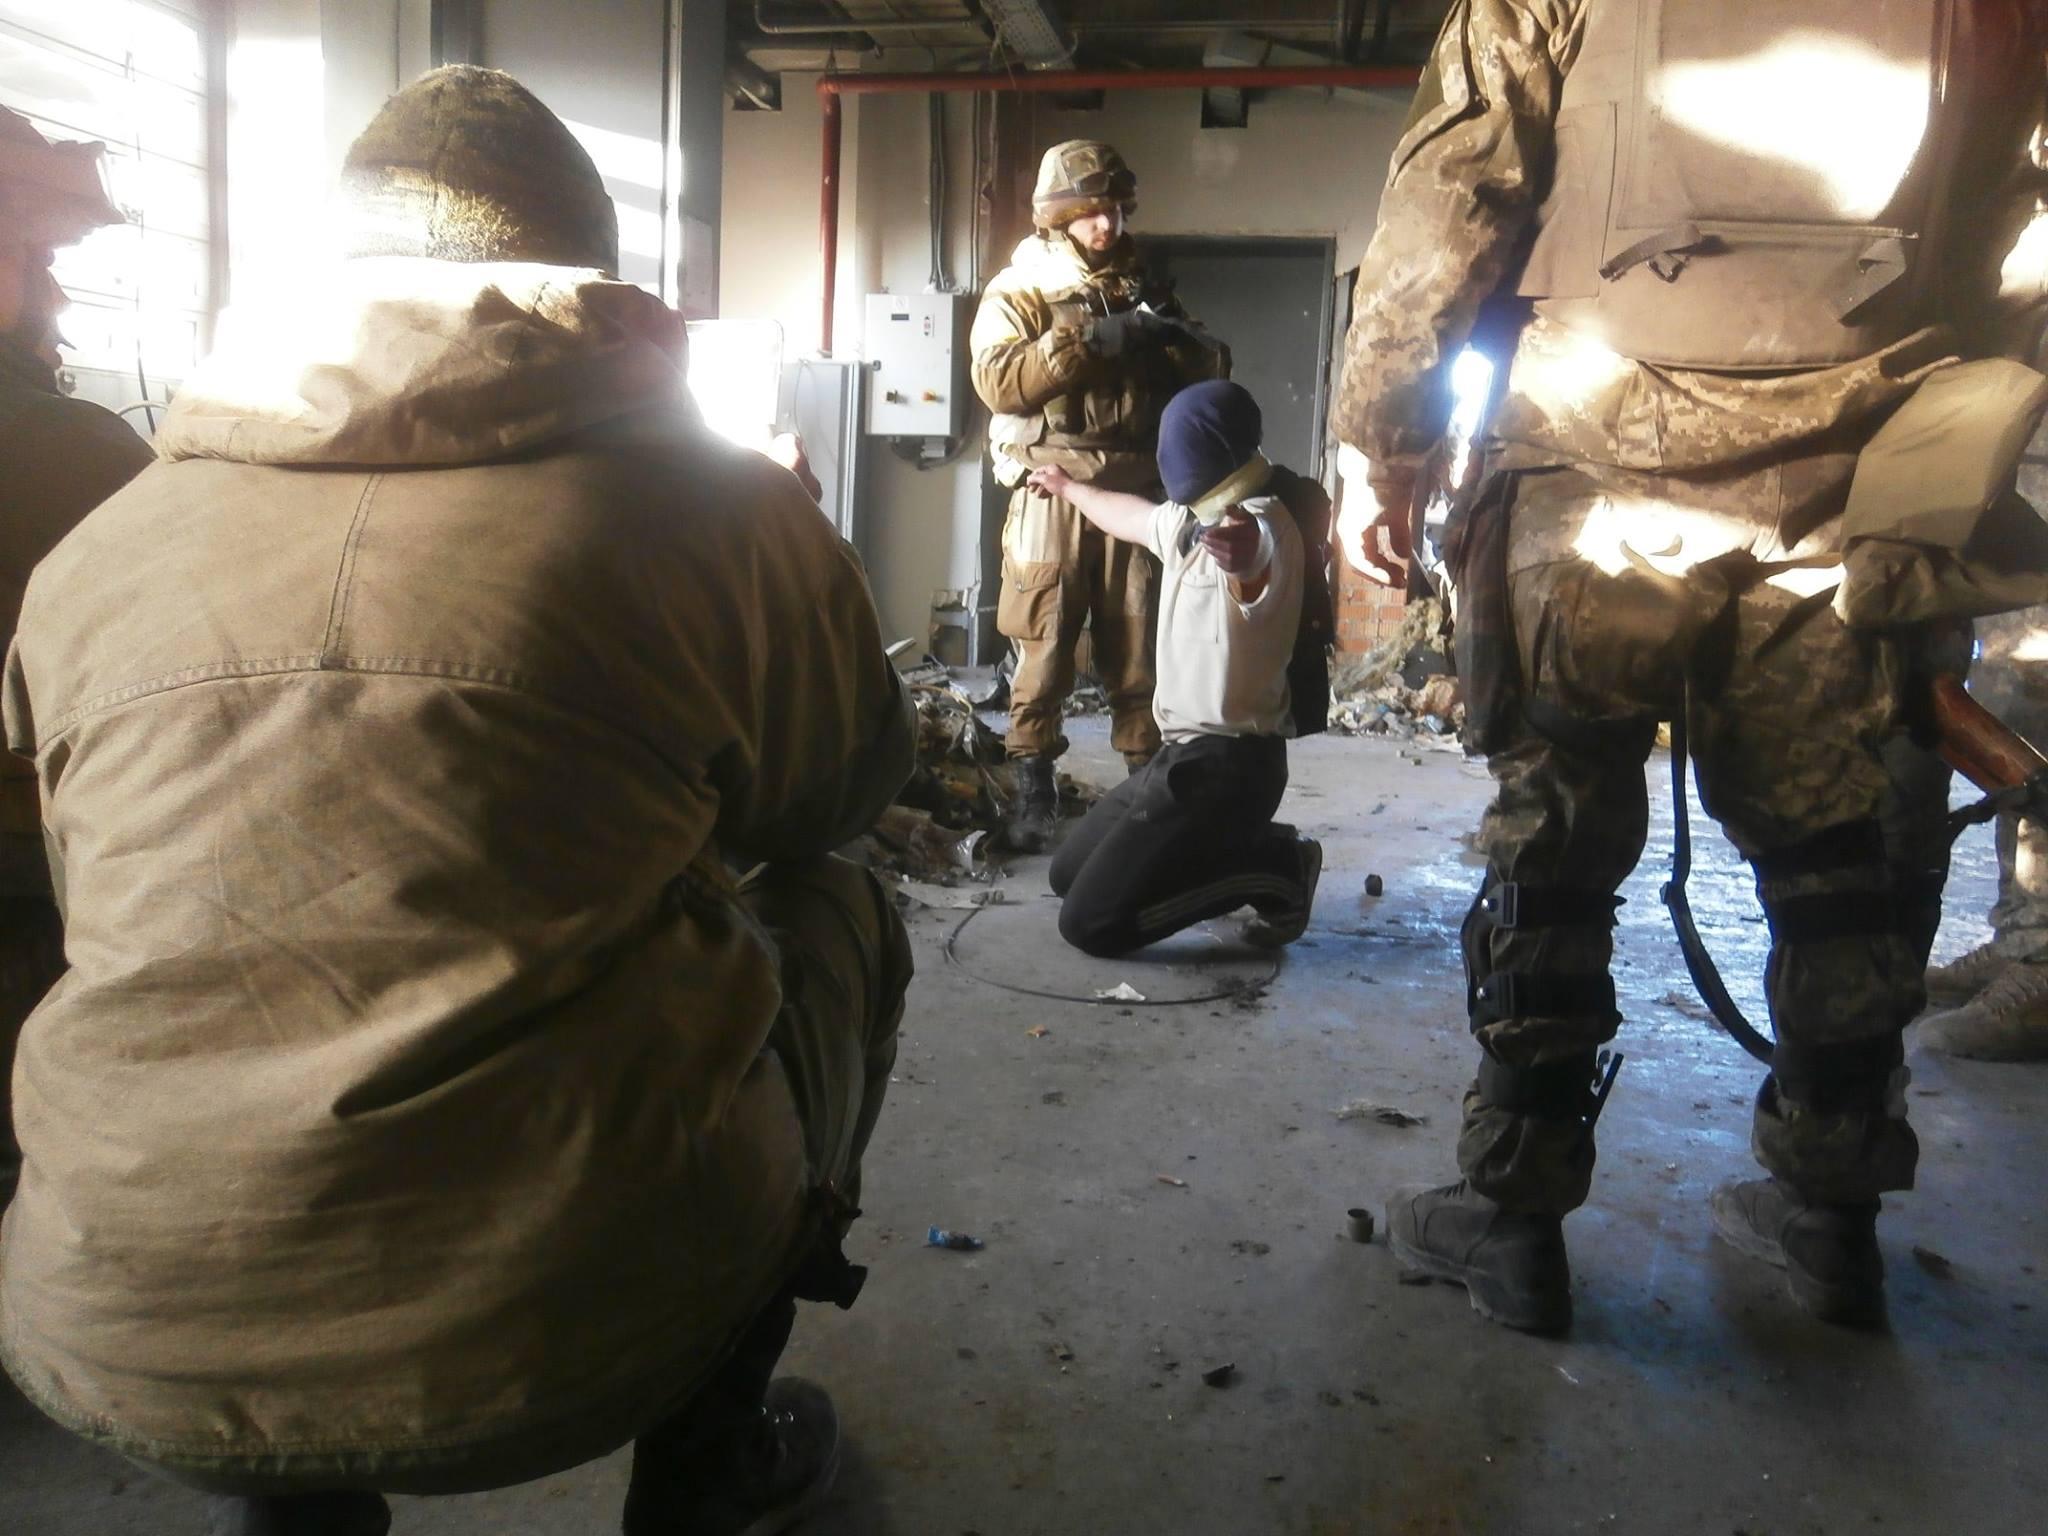 Допрос пленного в Донецком аэропорту